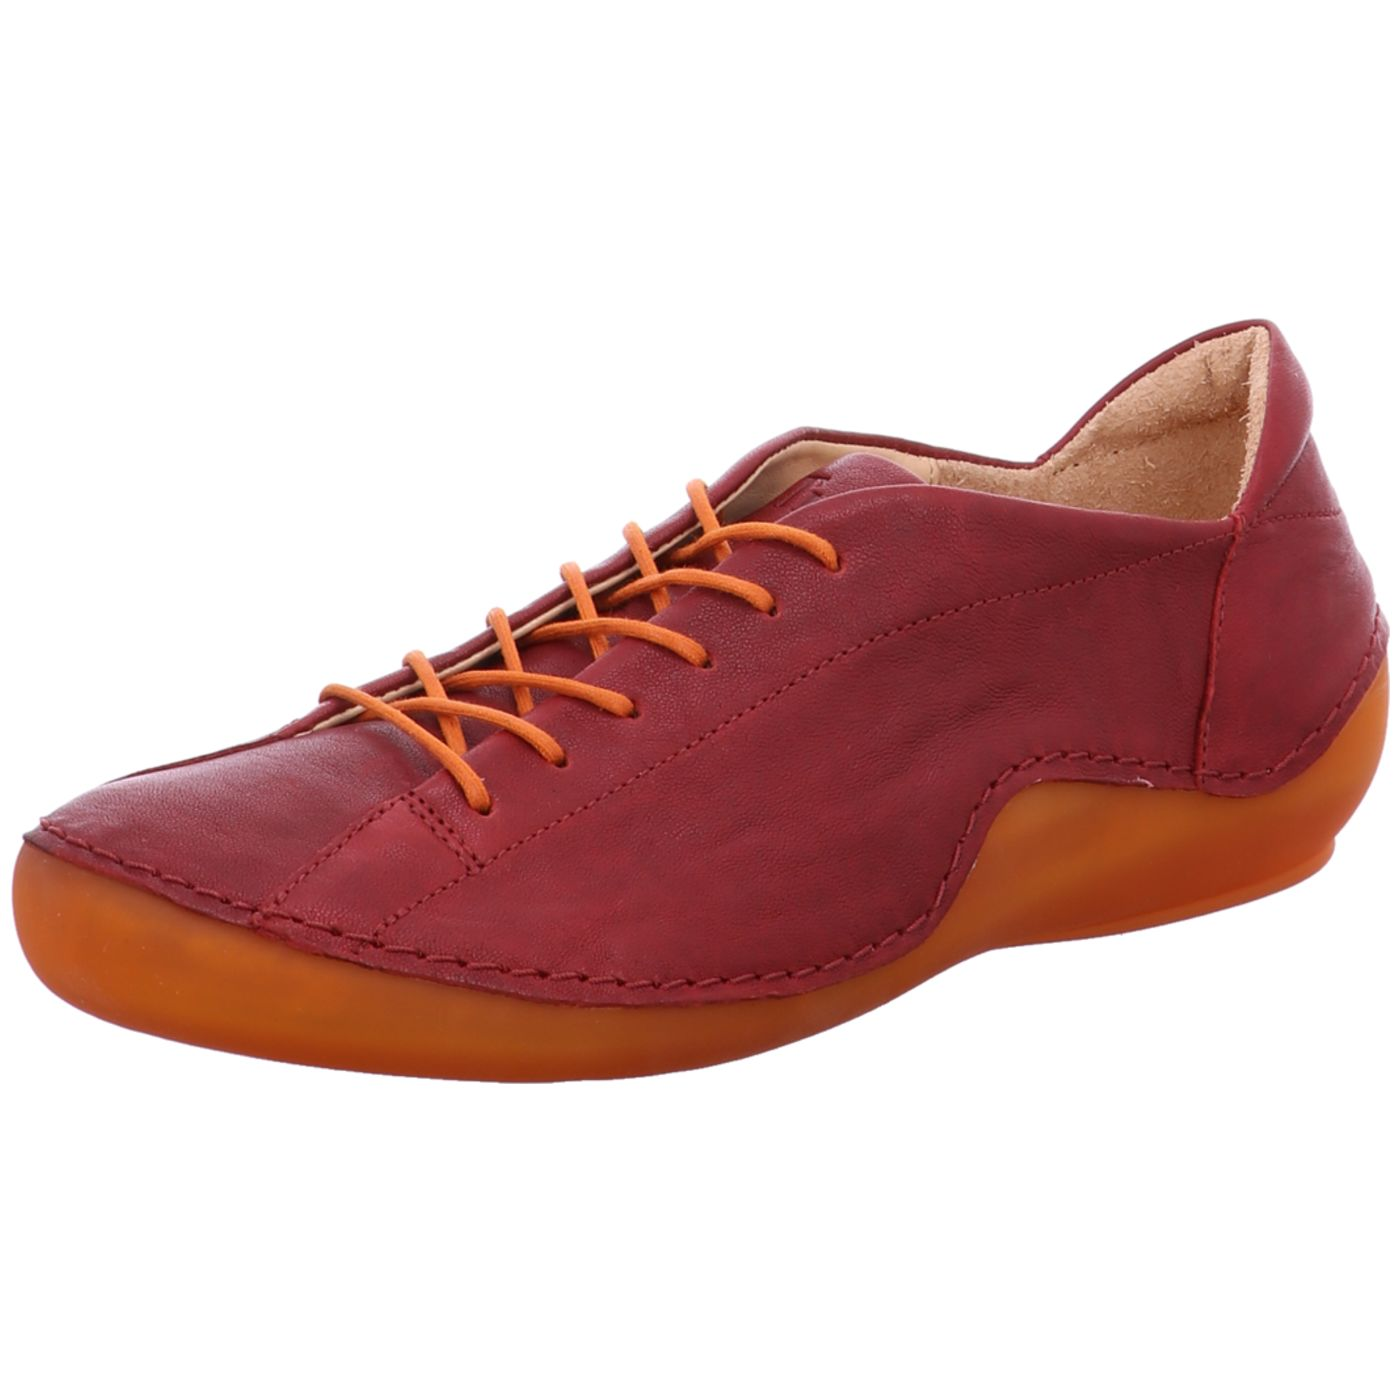 Think Schuhe » hochwertig, bequem & modebewusst   schuhglück